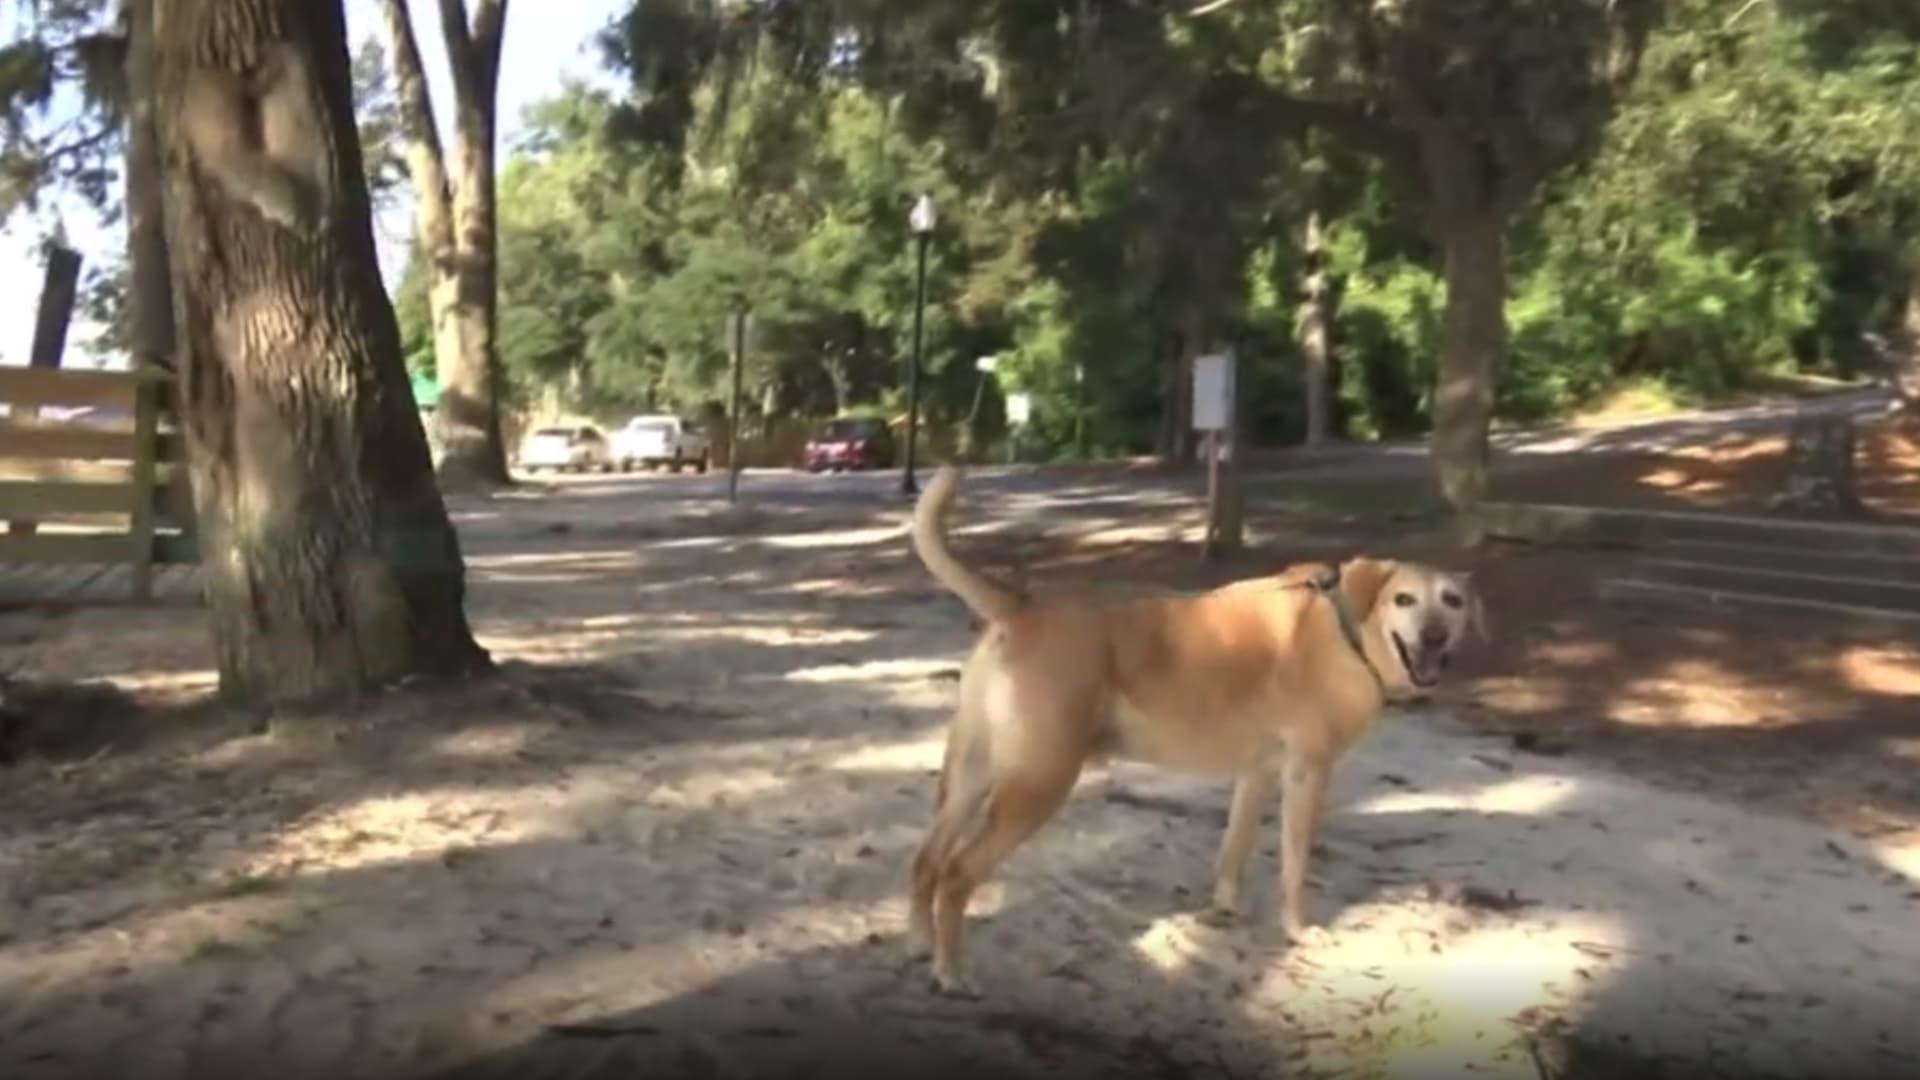 تمساح ضخم يقتل كلبا حاول حماية مالكه في مدينة أمريكية thumbnail